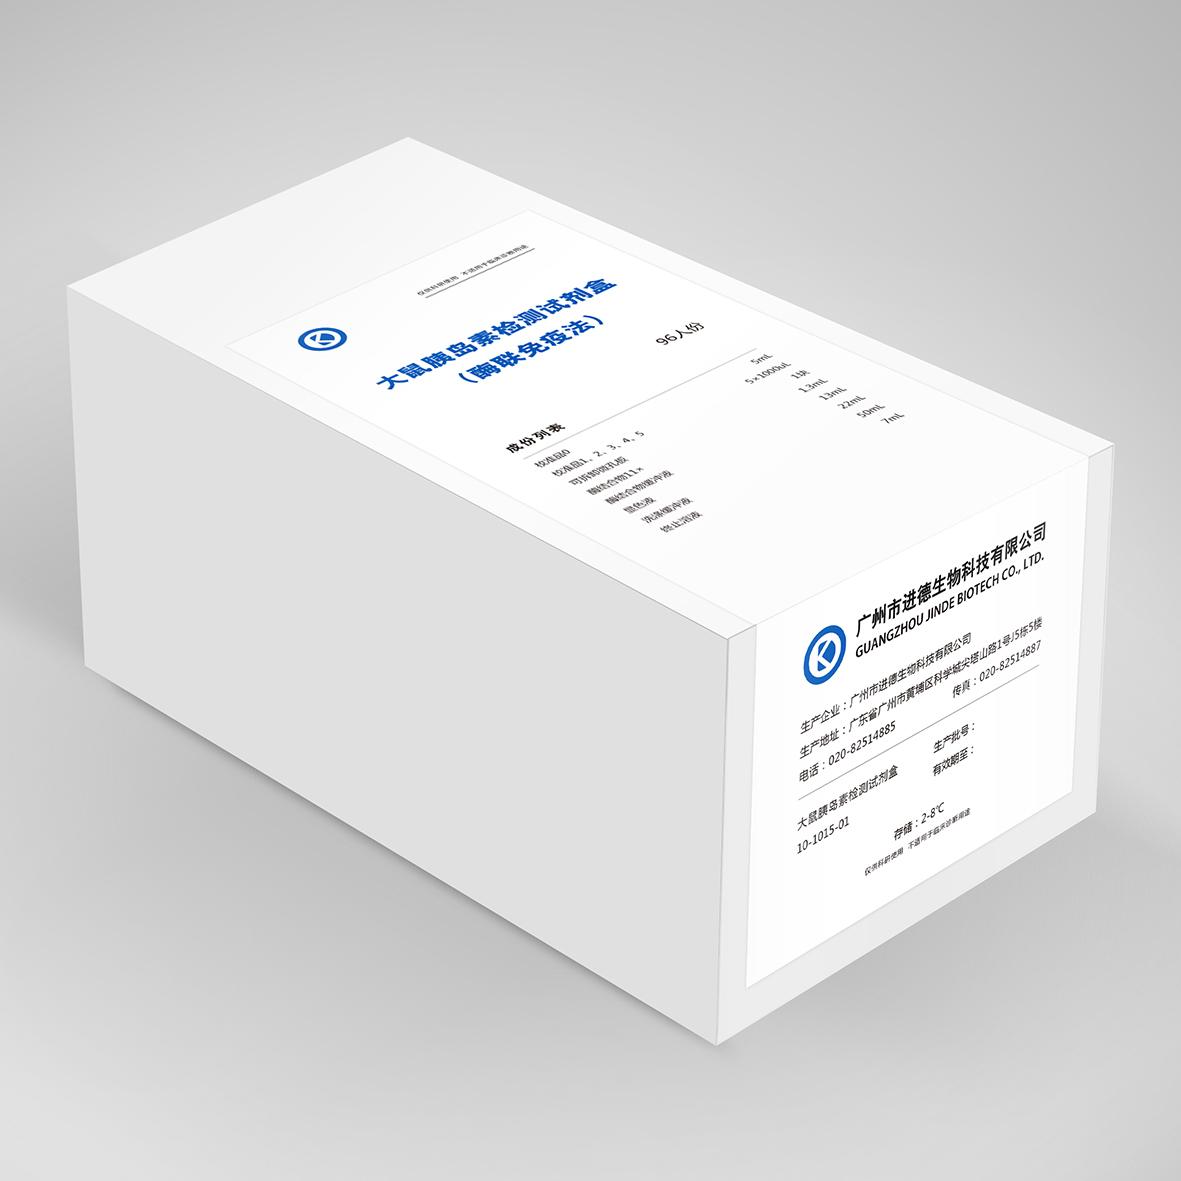 胰高血糖素检测试剂盒